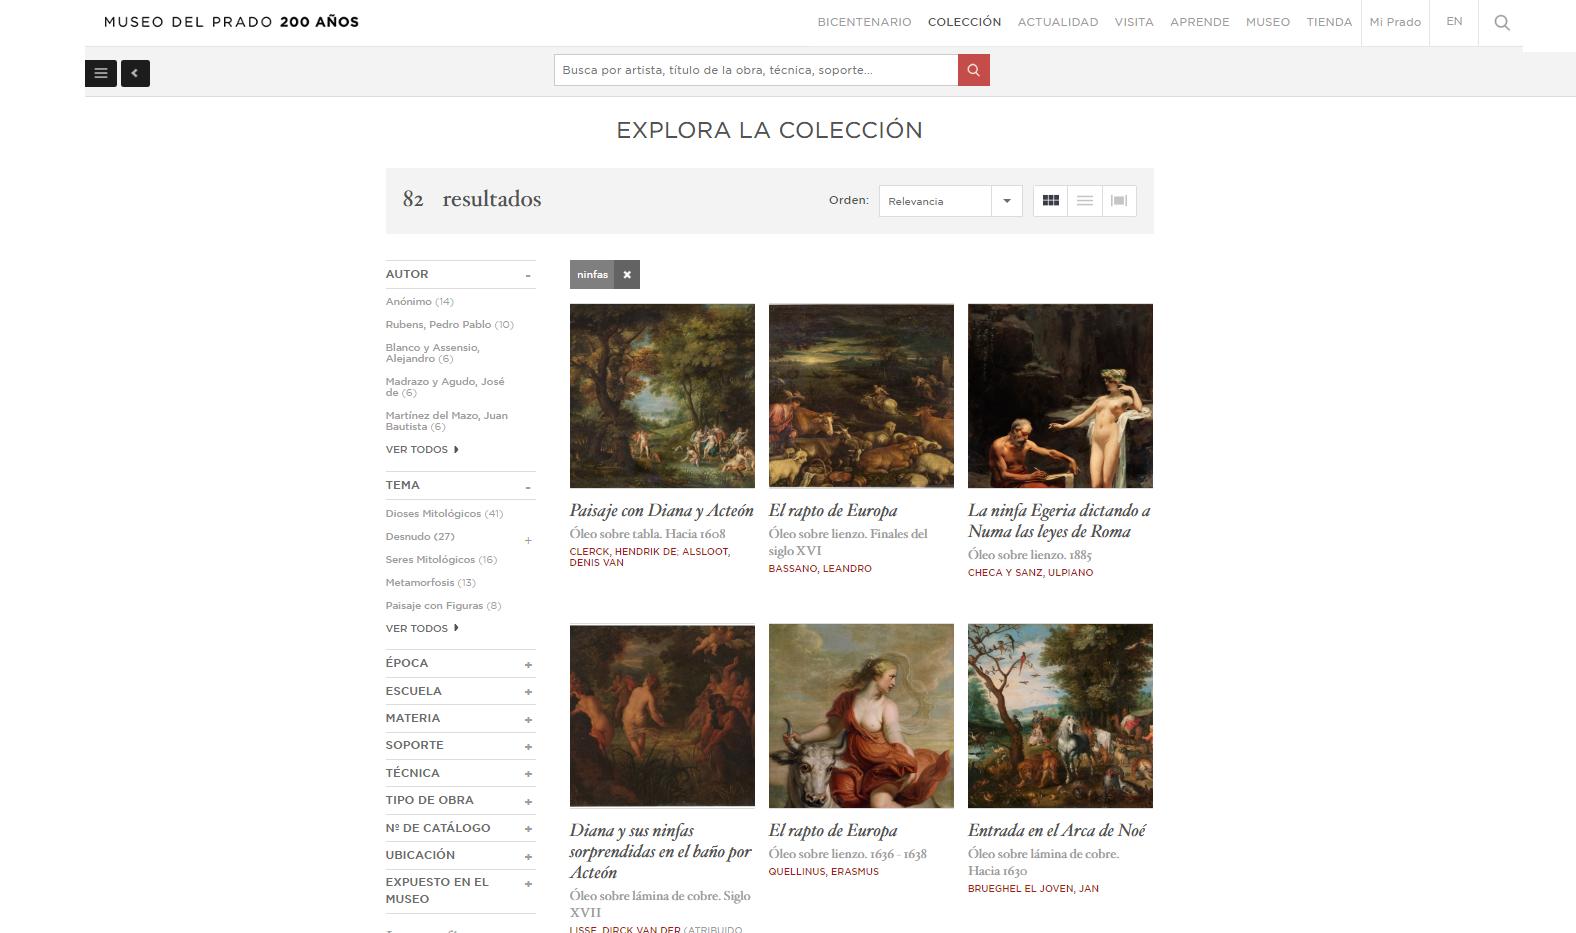 Grafos de conocimiento y bases de datos en grafo: conceptos fundamentales a partir de una 'obra maestra' del Museo del Prado